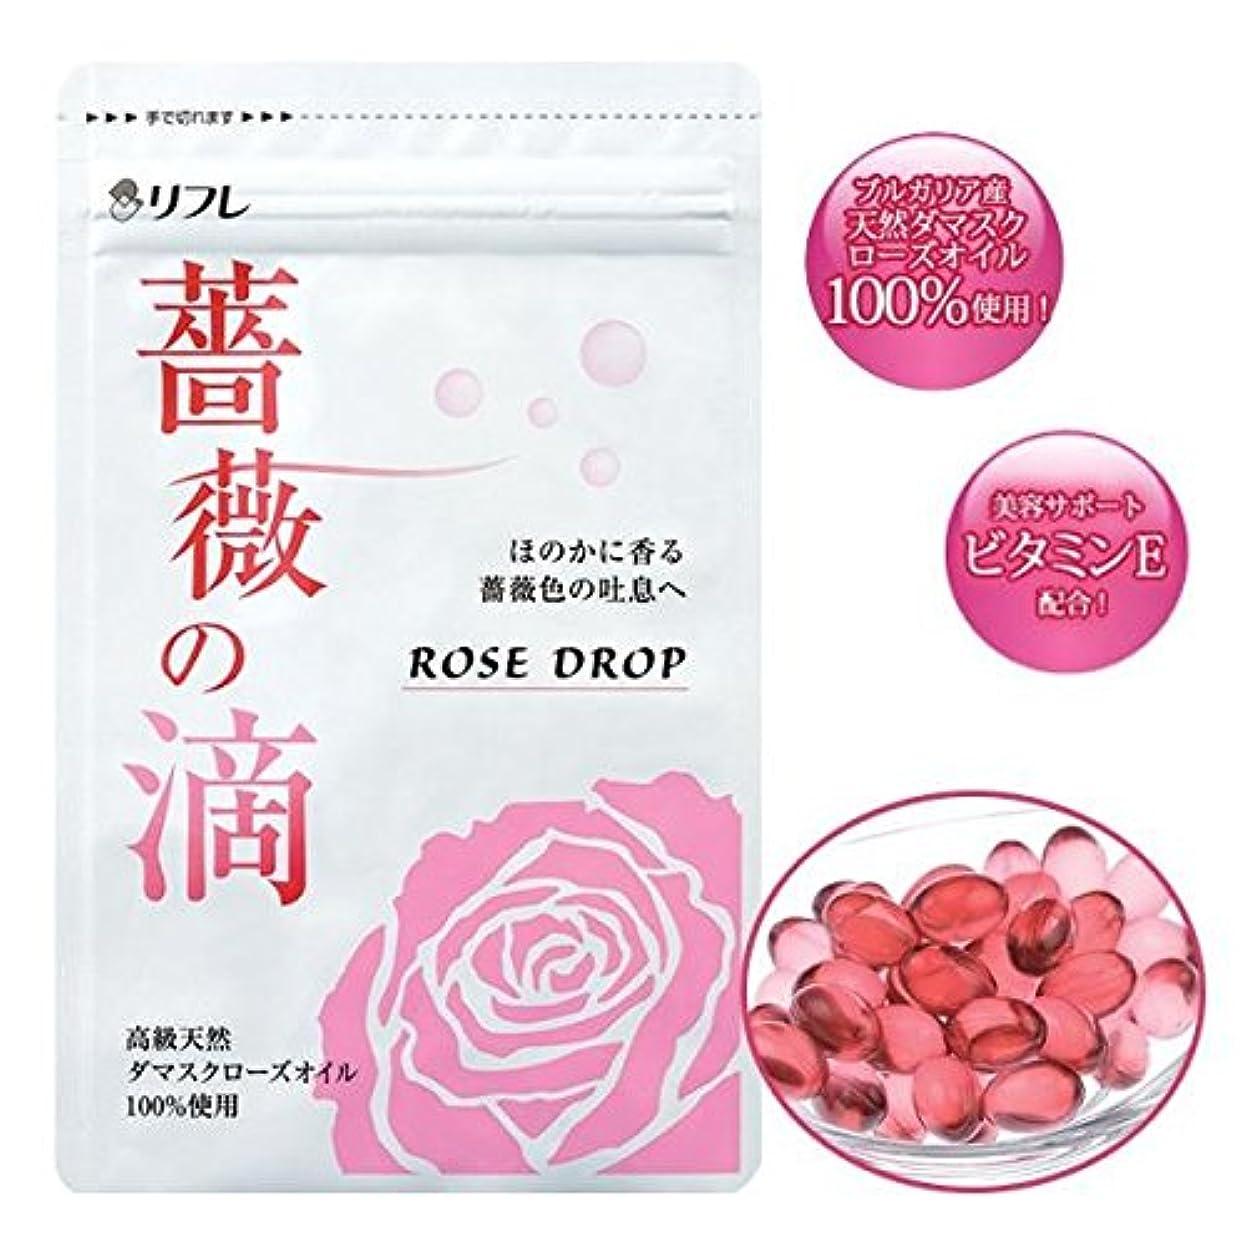 寄り添う落ち着いて十分ですリフレ ローズサプリ 薔薇の滴(ばらのしずく) 1袋62粒(約1ヵ月分) 日本製 Japan